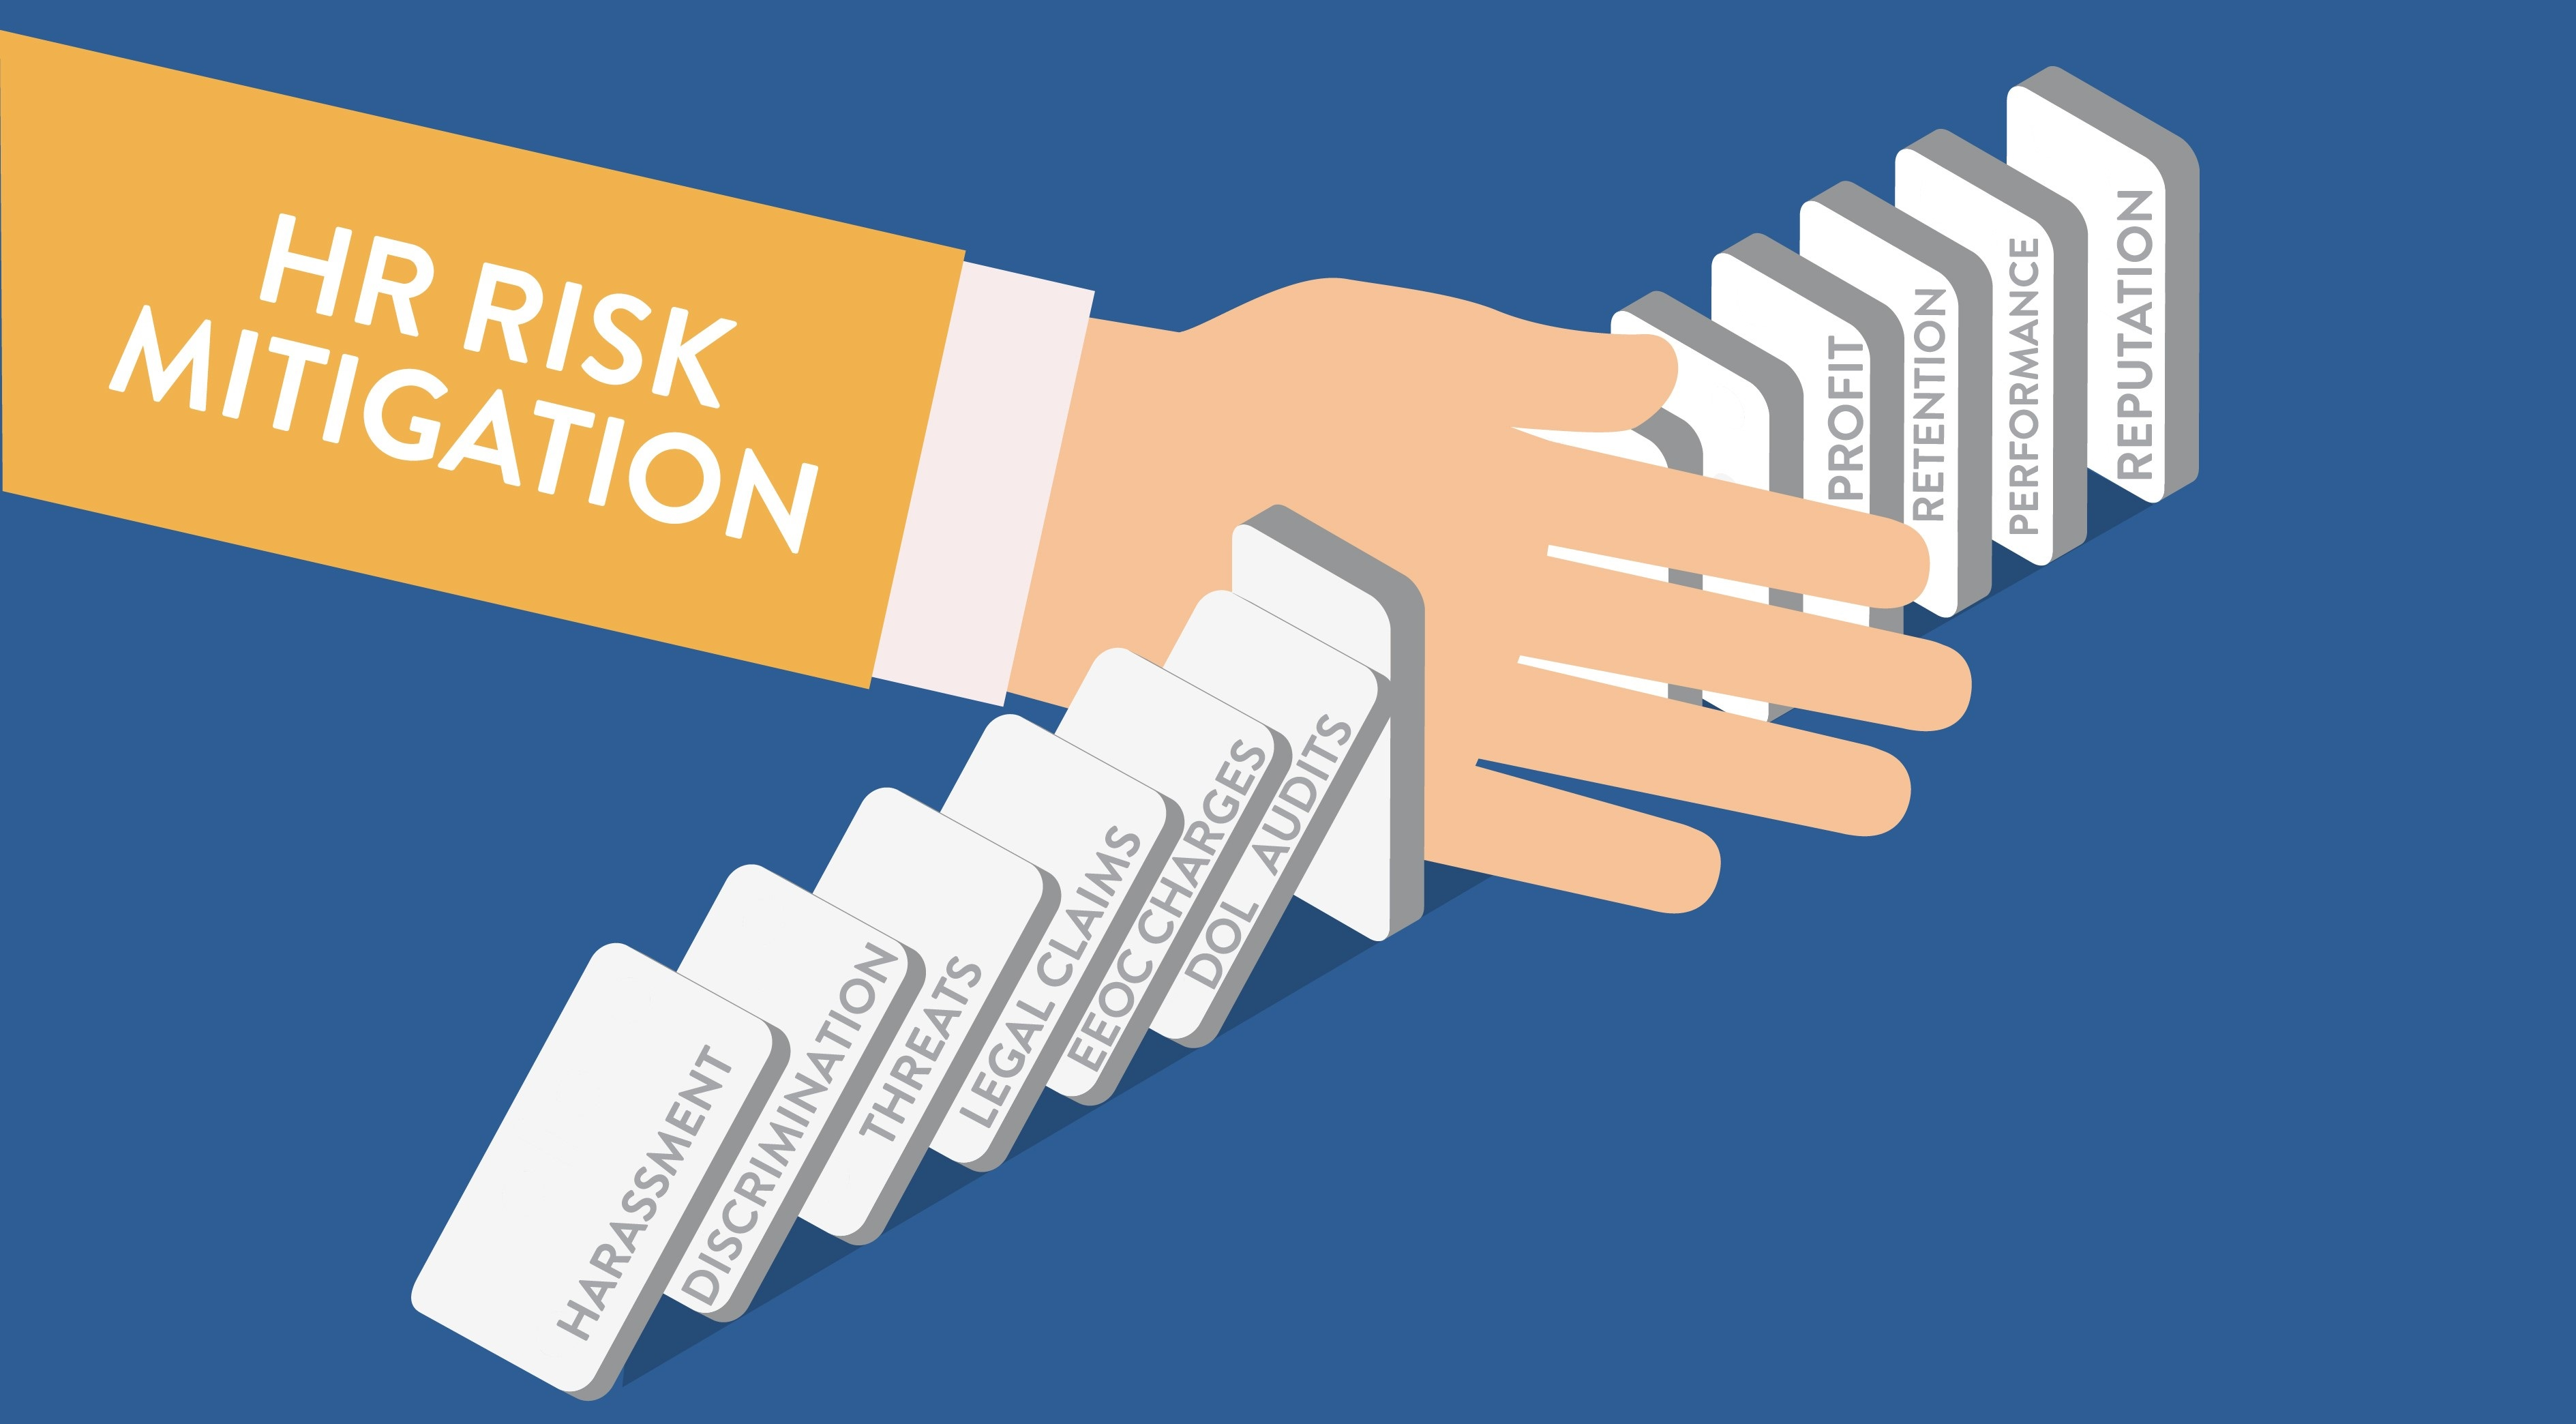 HR Risk Mitigation - Achilles Group